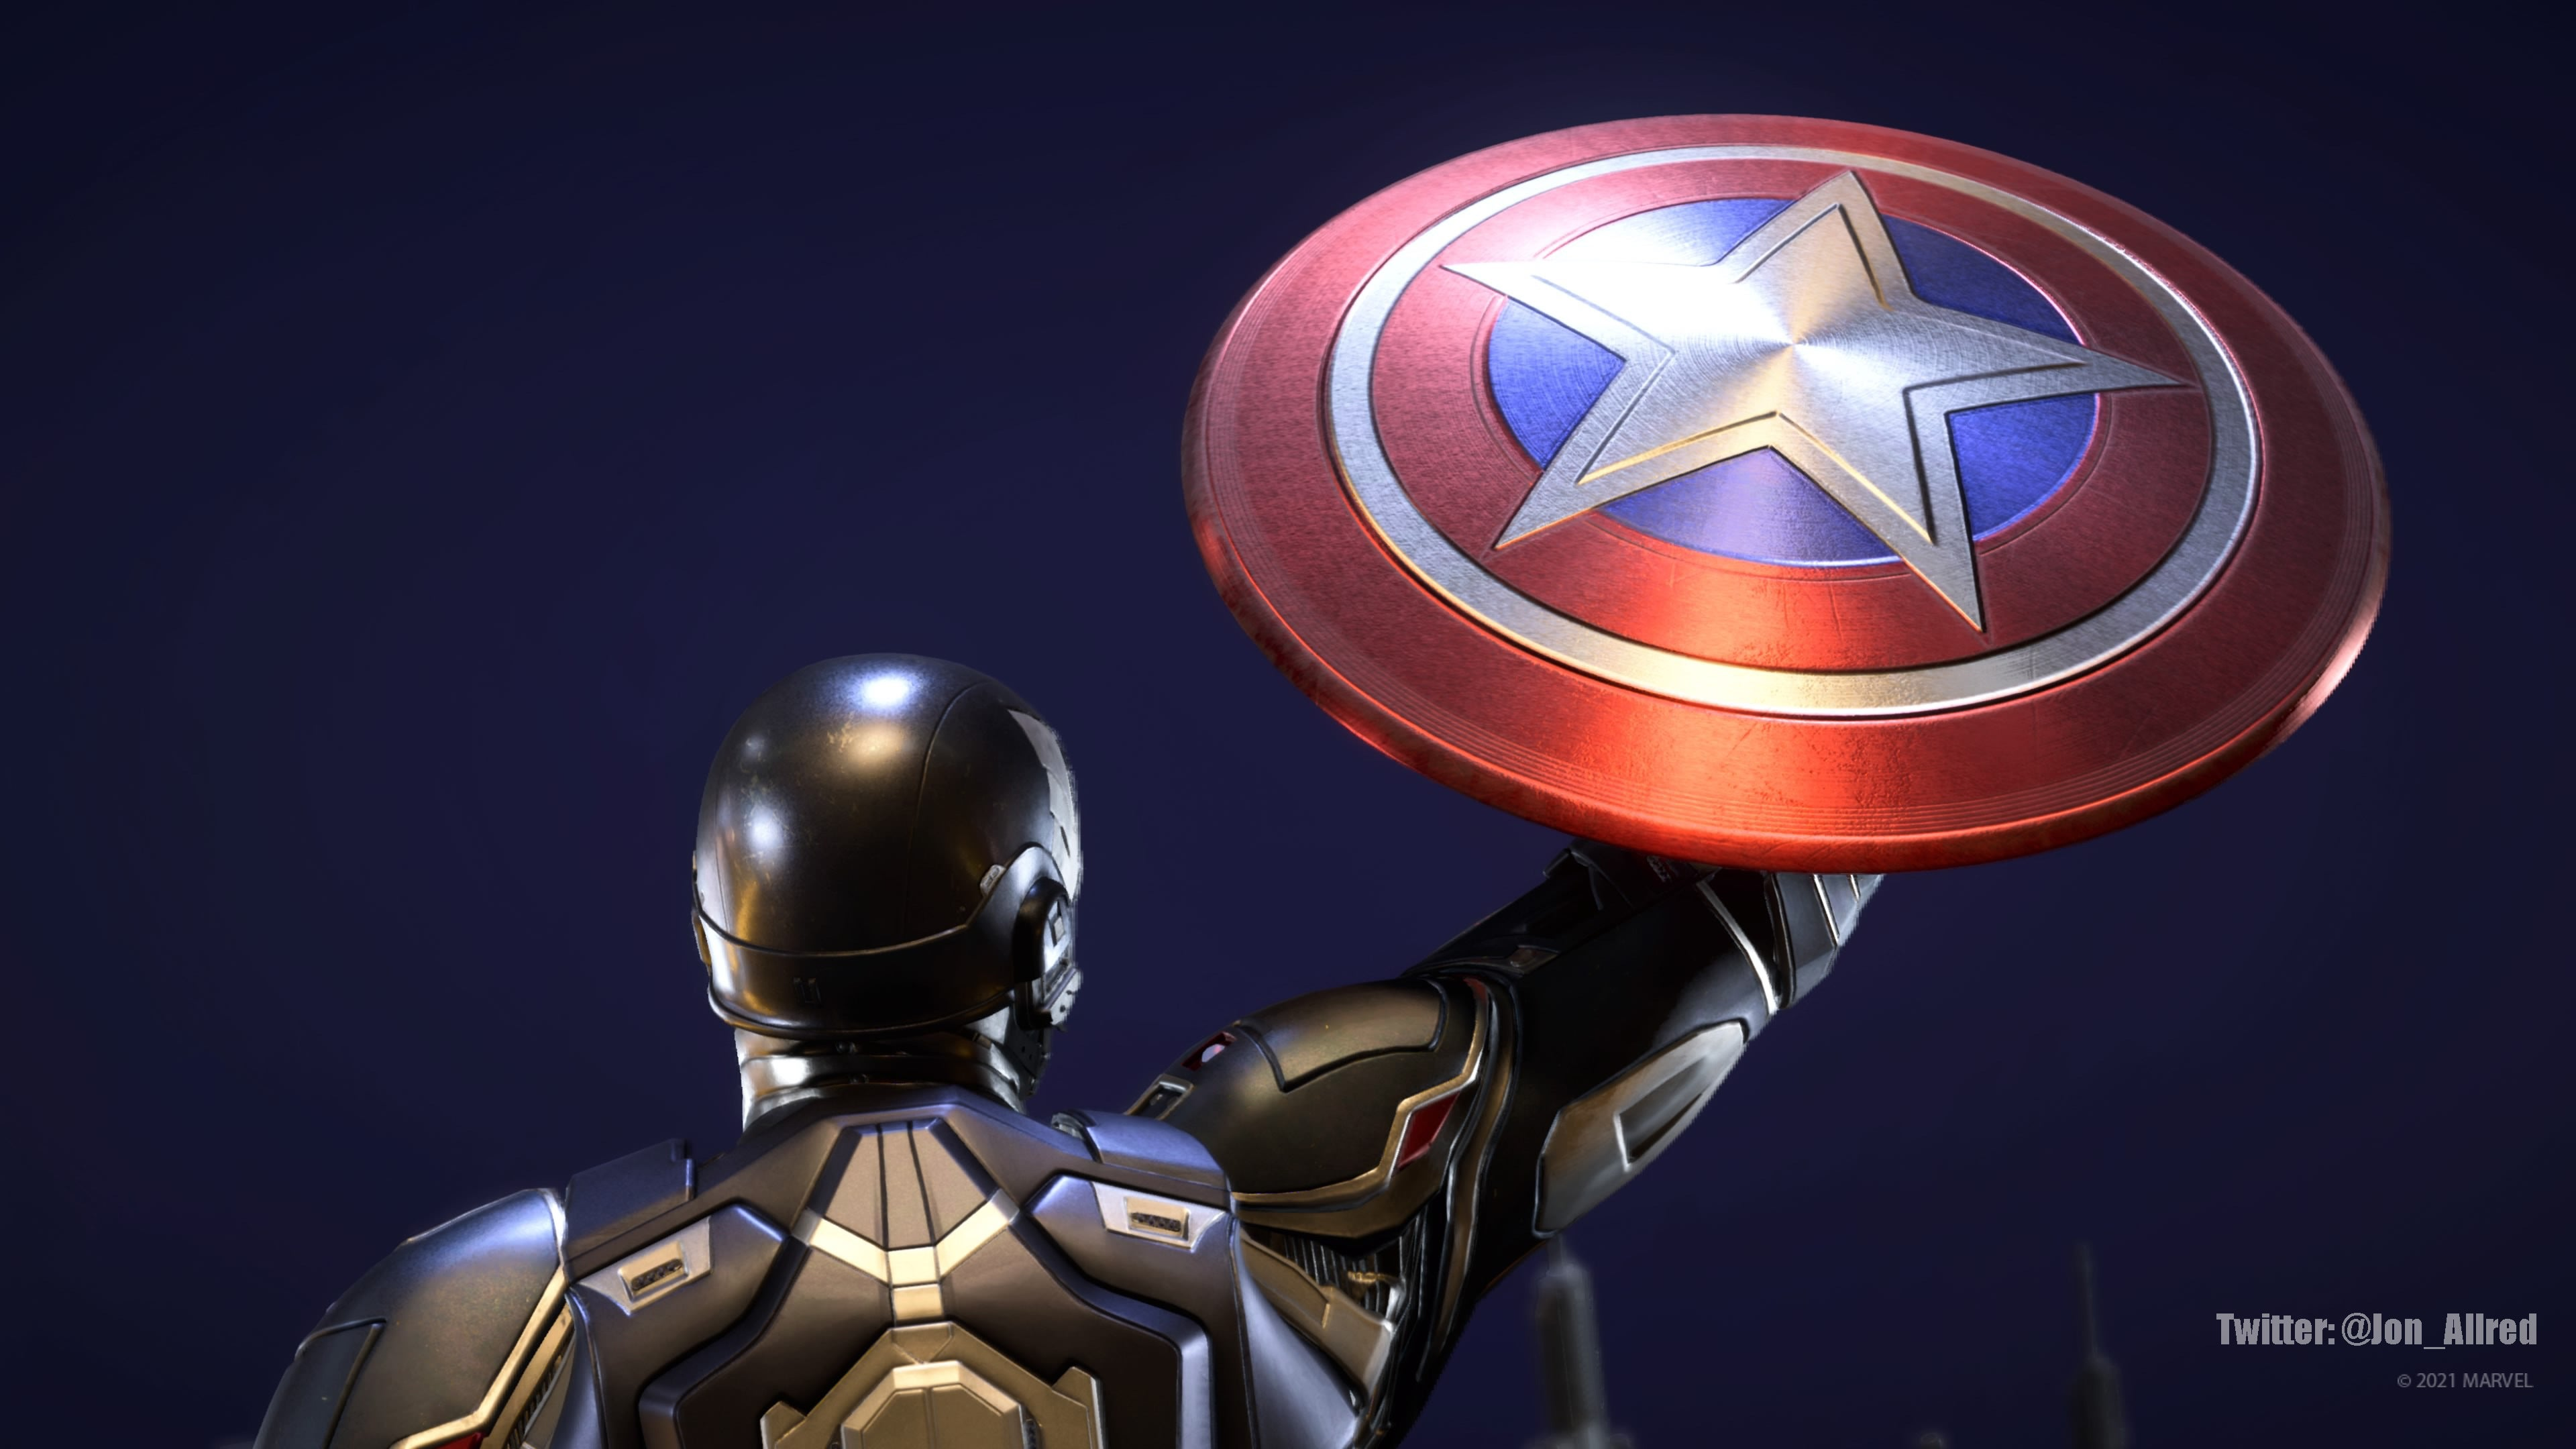 Una captura de pantalla del Capitán América mientras levanta su escudo hacia un cielo de color azul oscuro. El escudo tiene círculos concéntricos de color rojo y blanco. En el centro hay una estrella brillante.